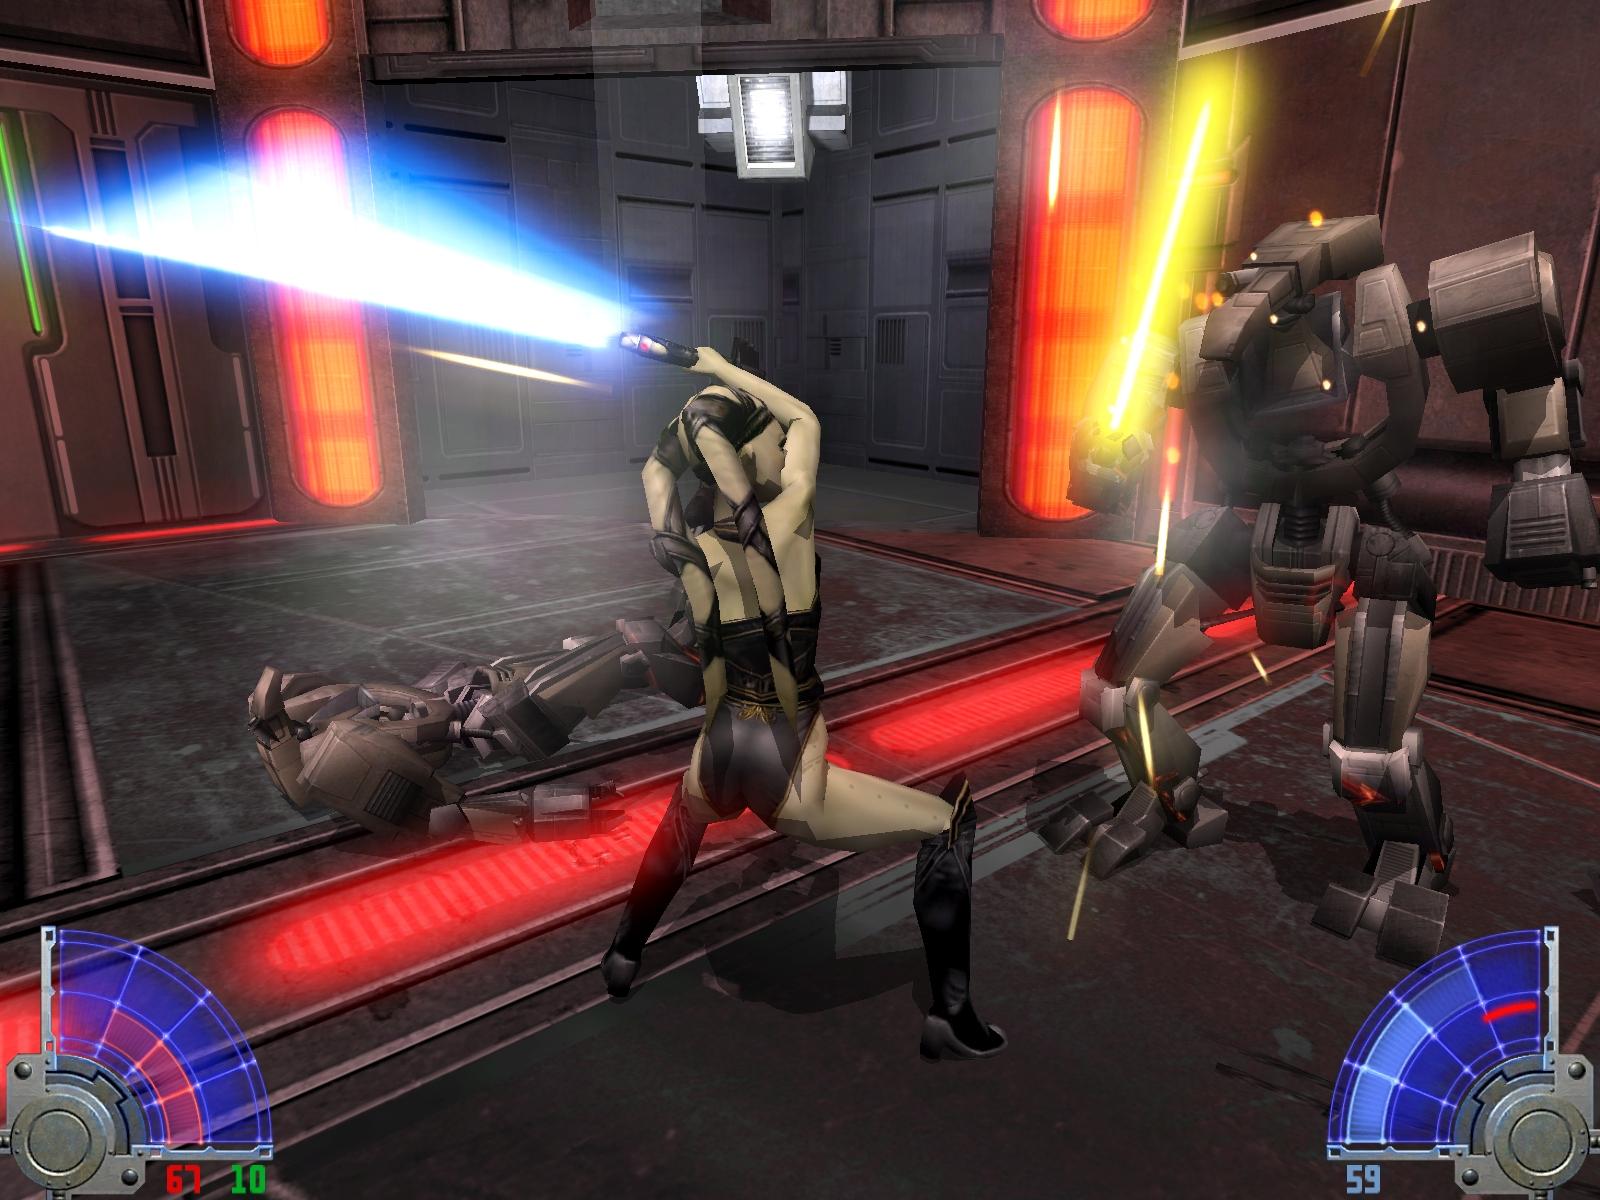 www.star wars games kostenlos.de